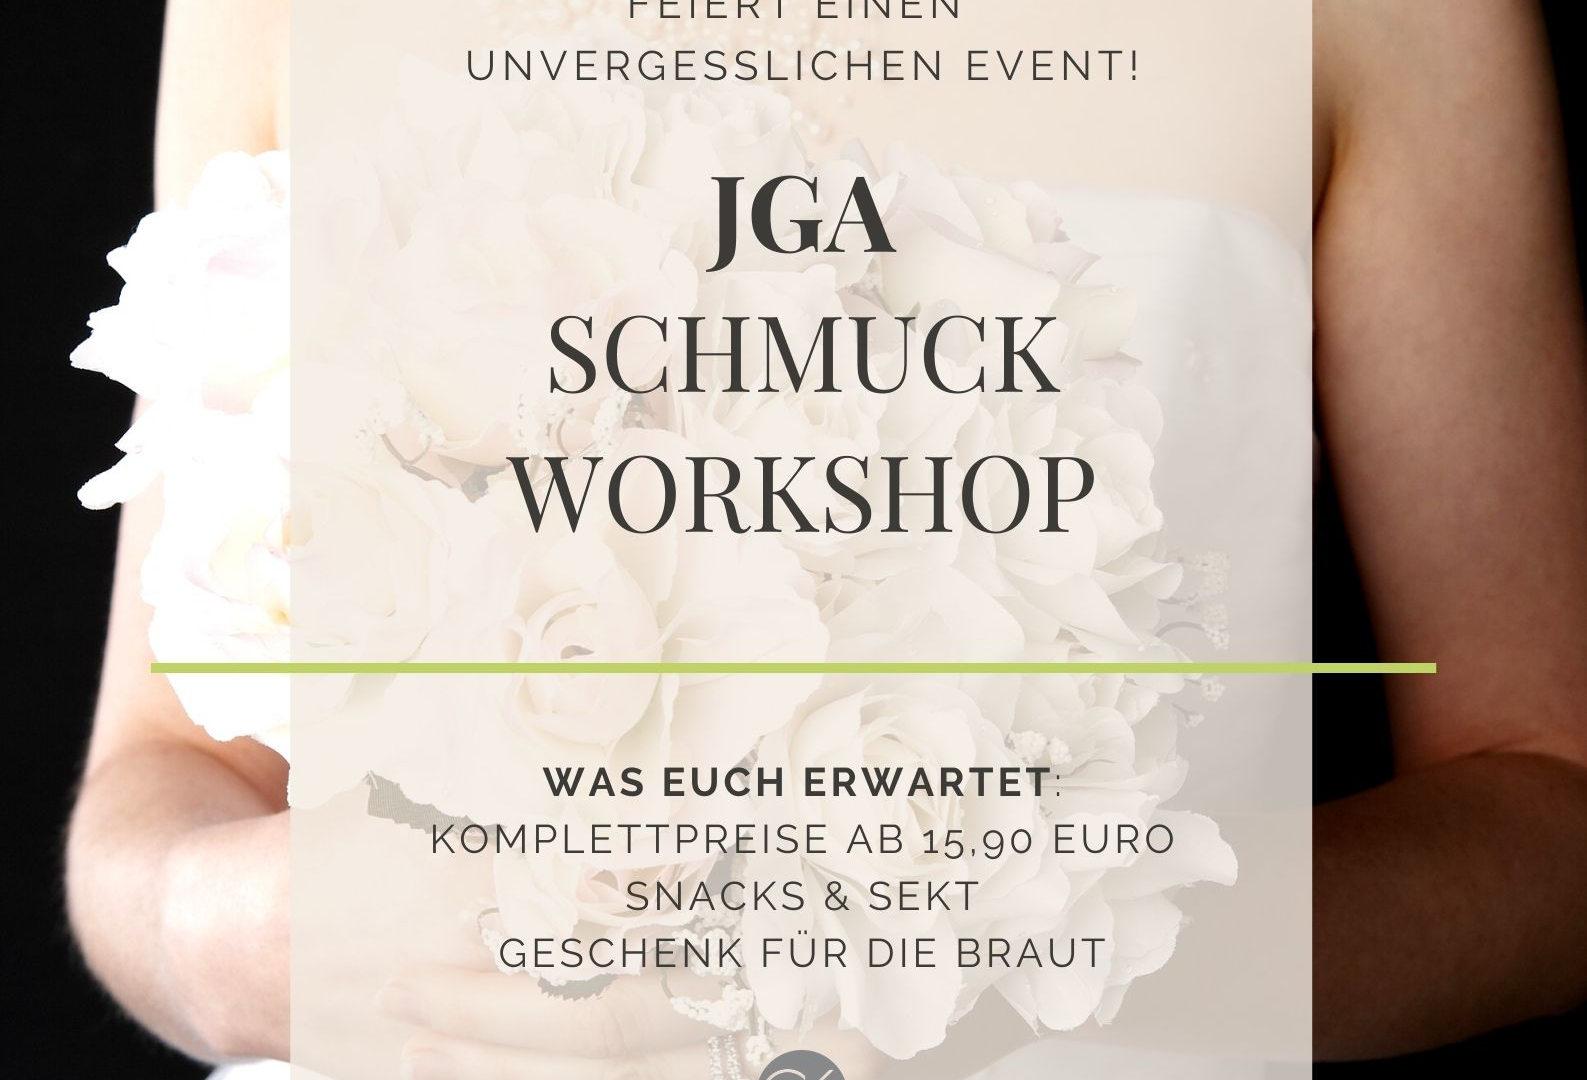 Junggesellinnenabschied (JGA) in Bonn/Köln. Unsere Junggesellinnen und Bräute kommen aus NRW und ganz Deutschland zu unseren kreativen Schmuck Workshops.